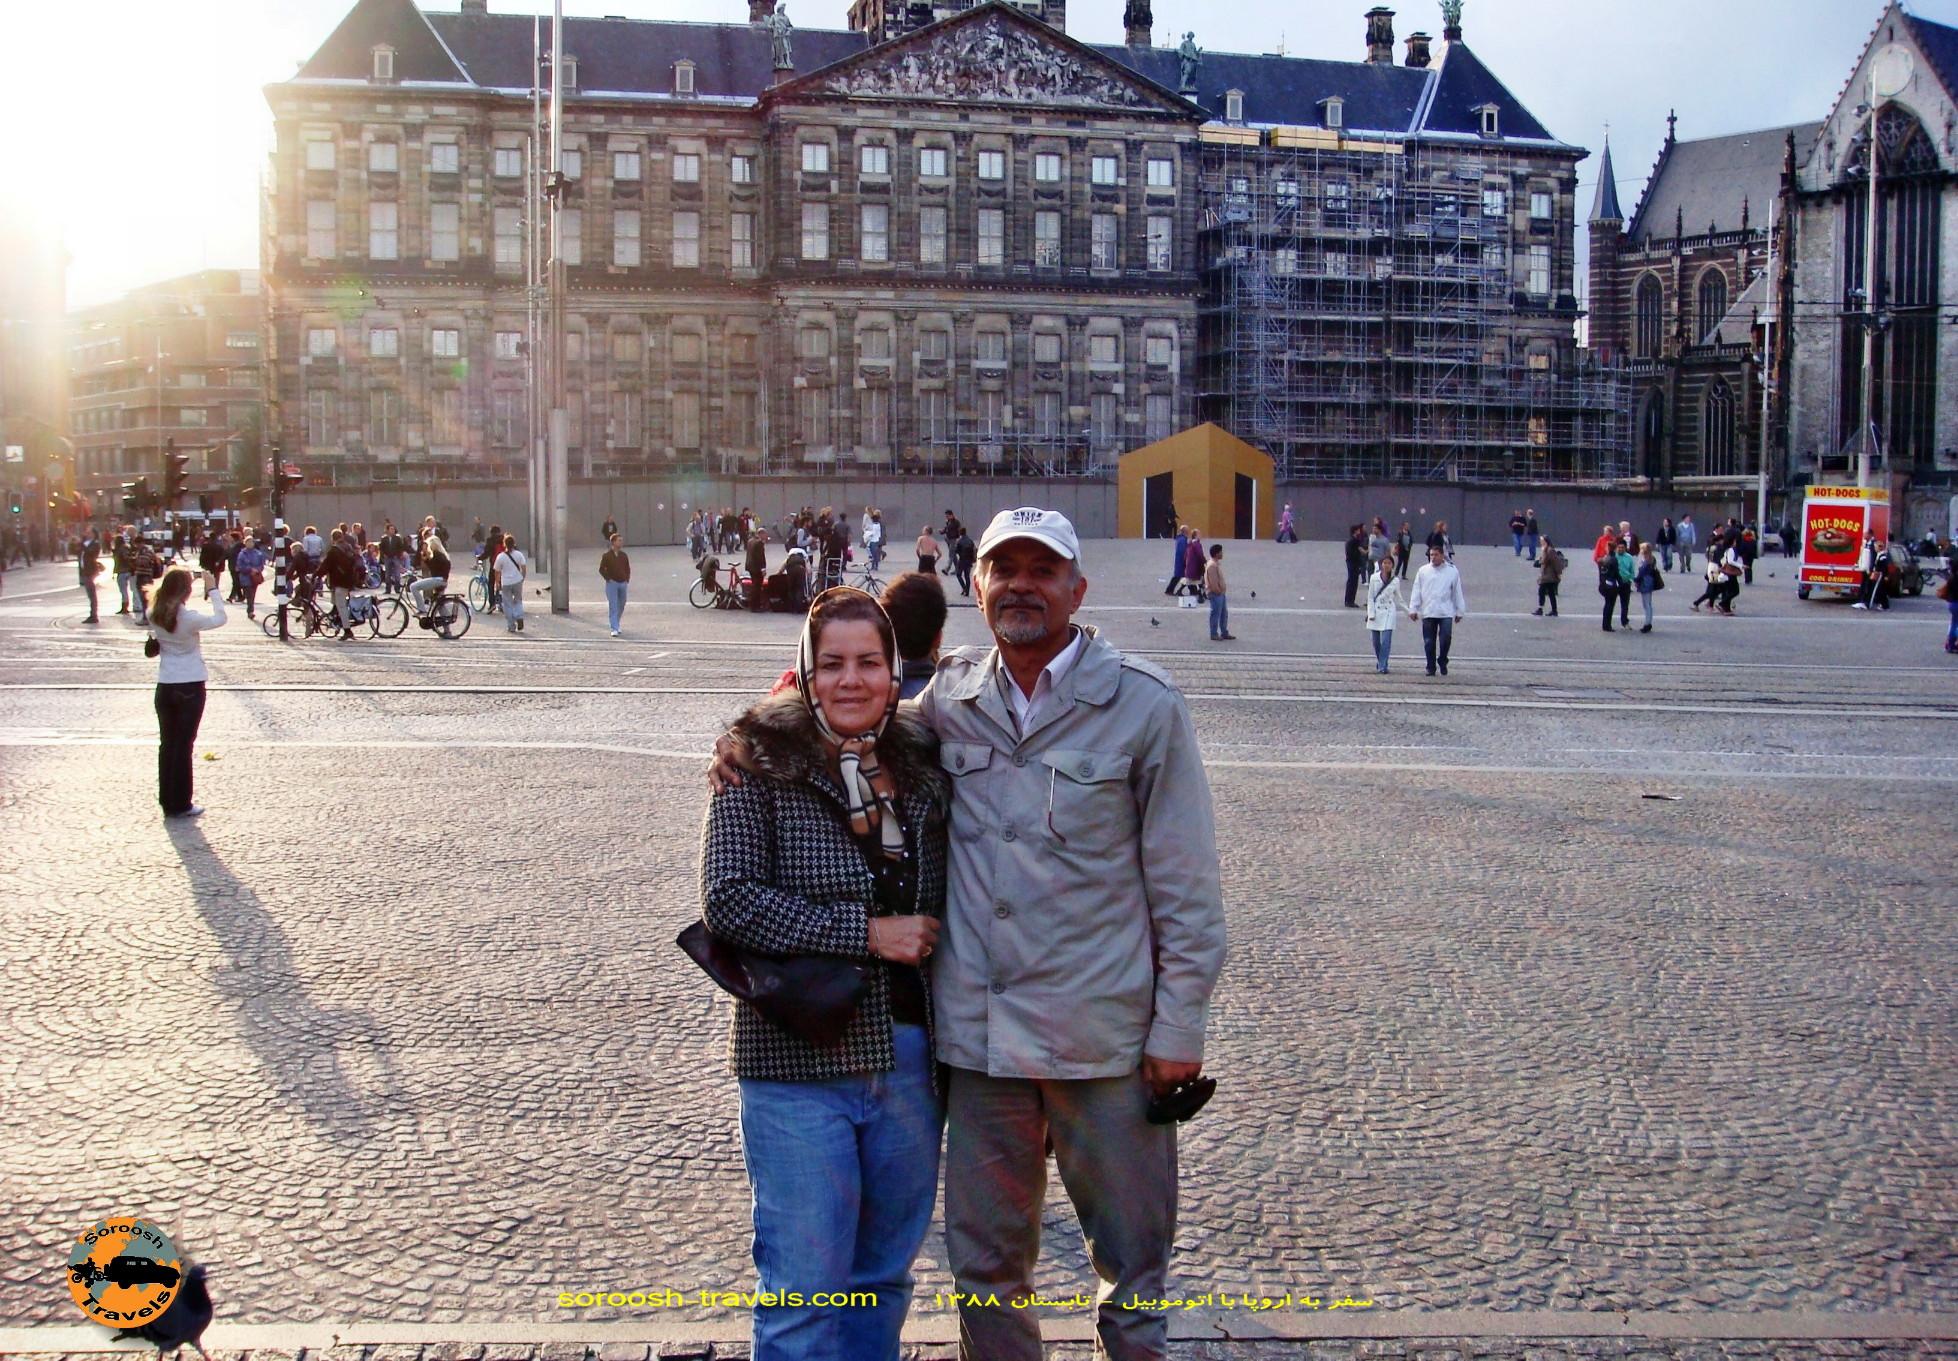 23-shahrivar-1388-14-september-2009-bruxele-in-belgium-to-amsterdam-in-netherland-12